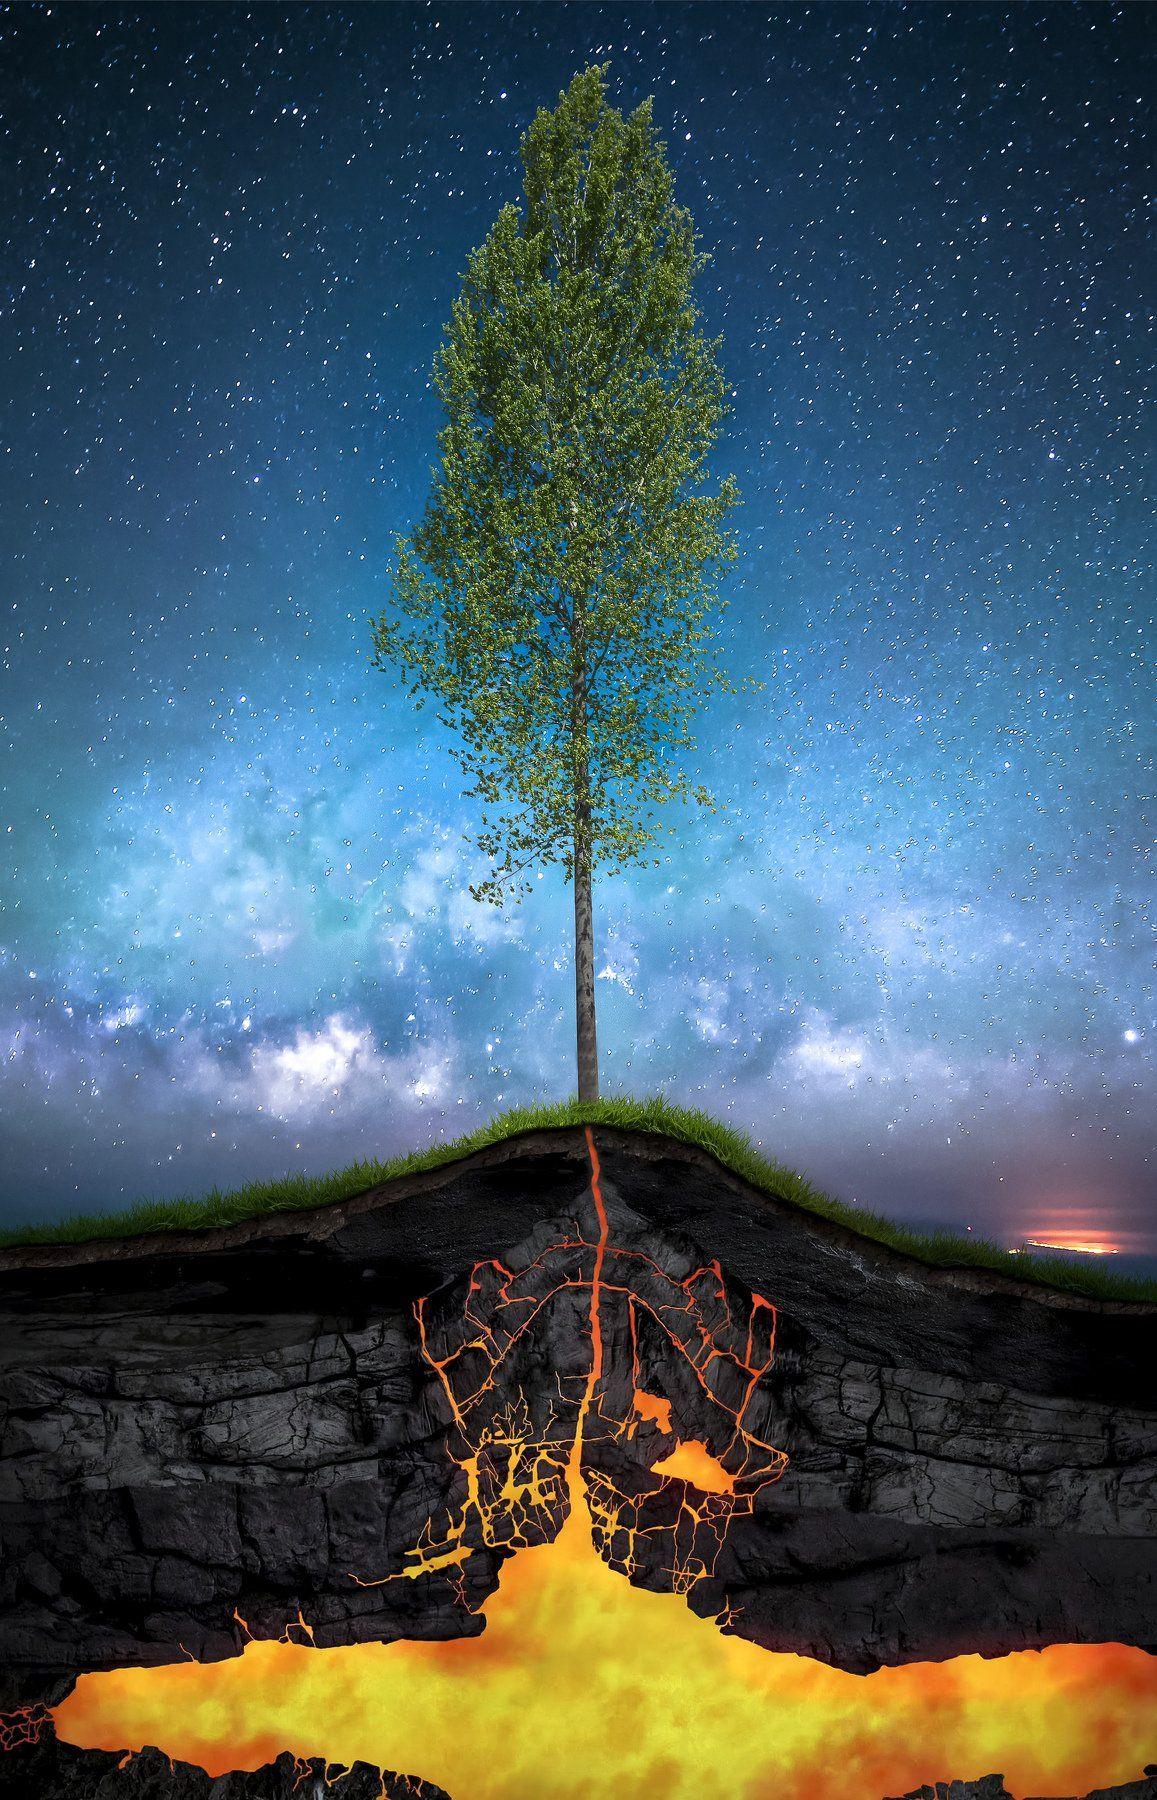 spring, tree, sky, night, lava, magma, energy, nature, concept, Antonio Bernardino